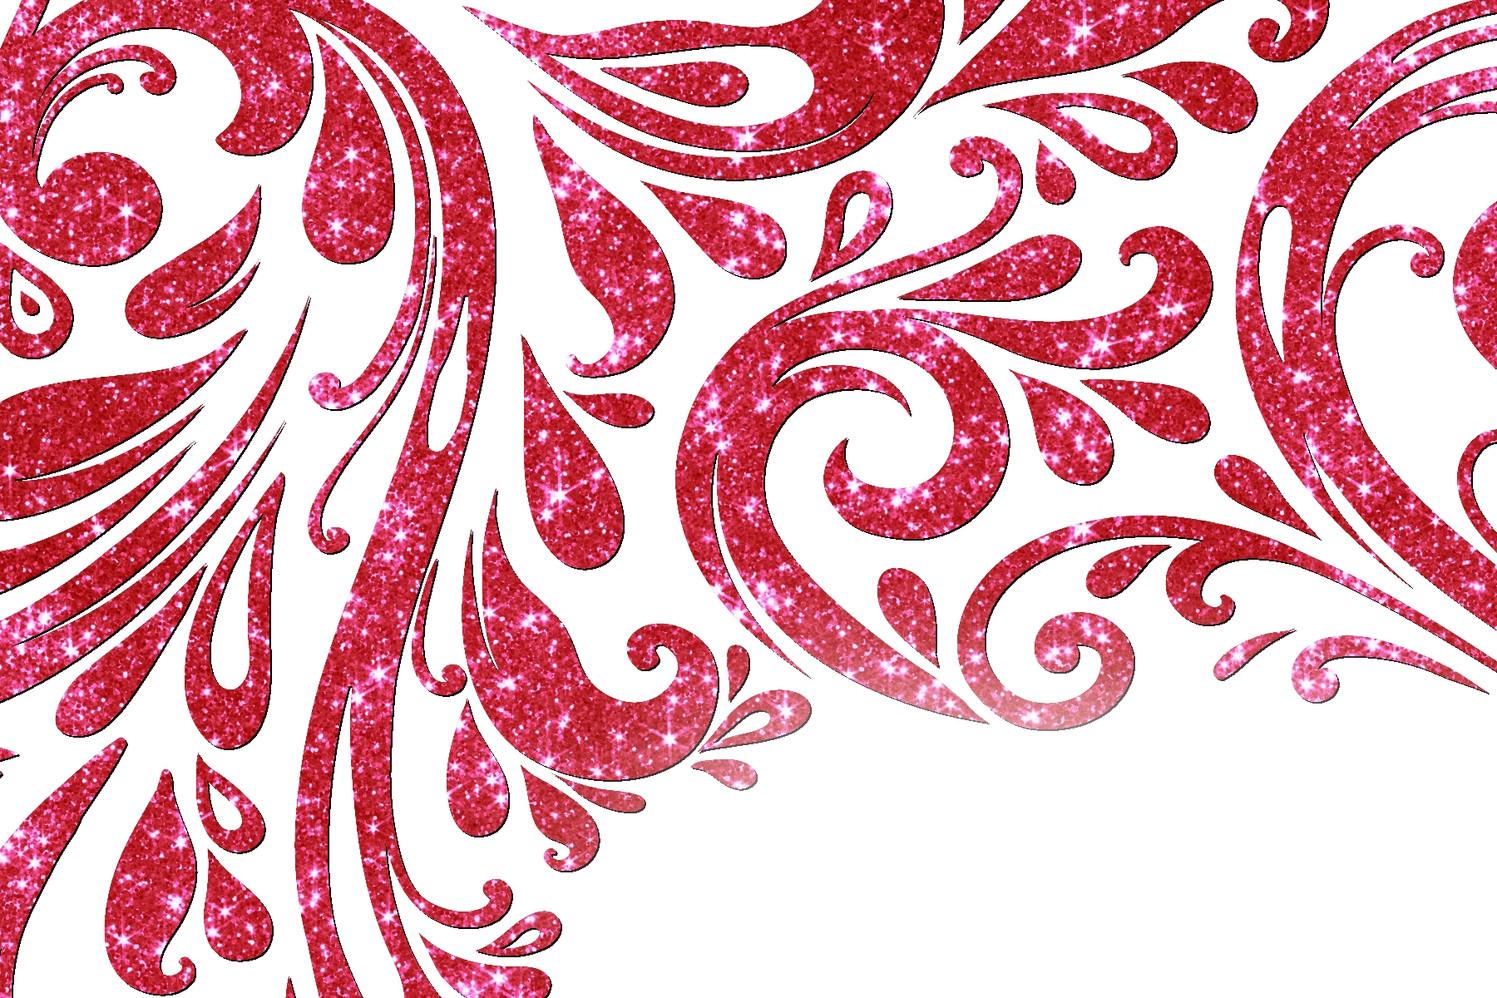 rouge rubis foncé scintillant